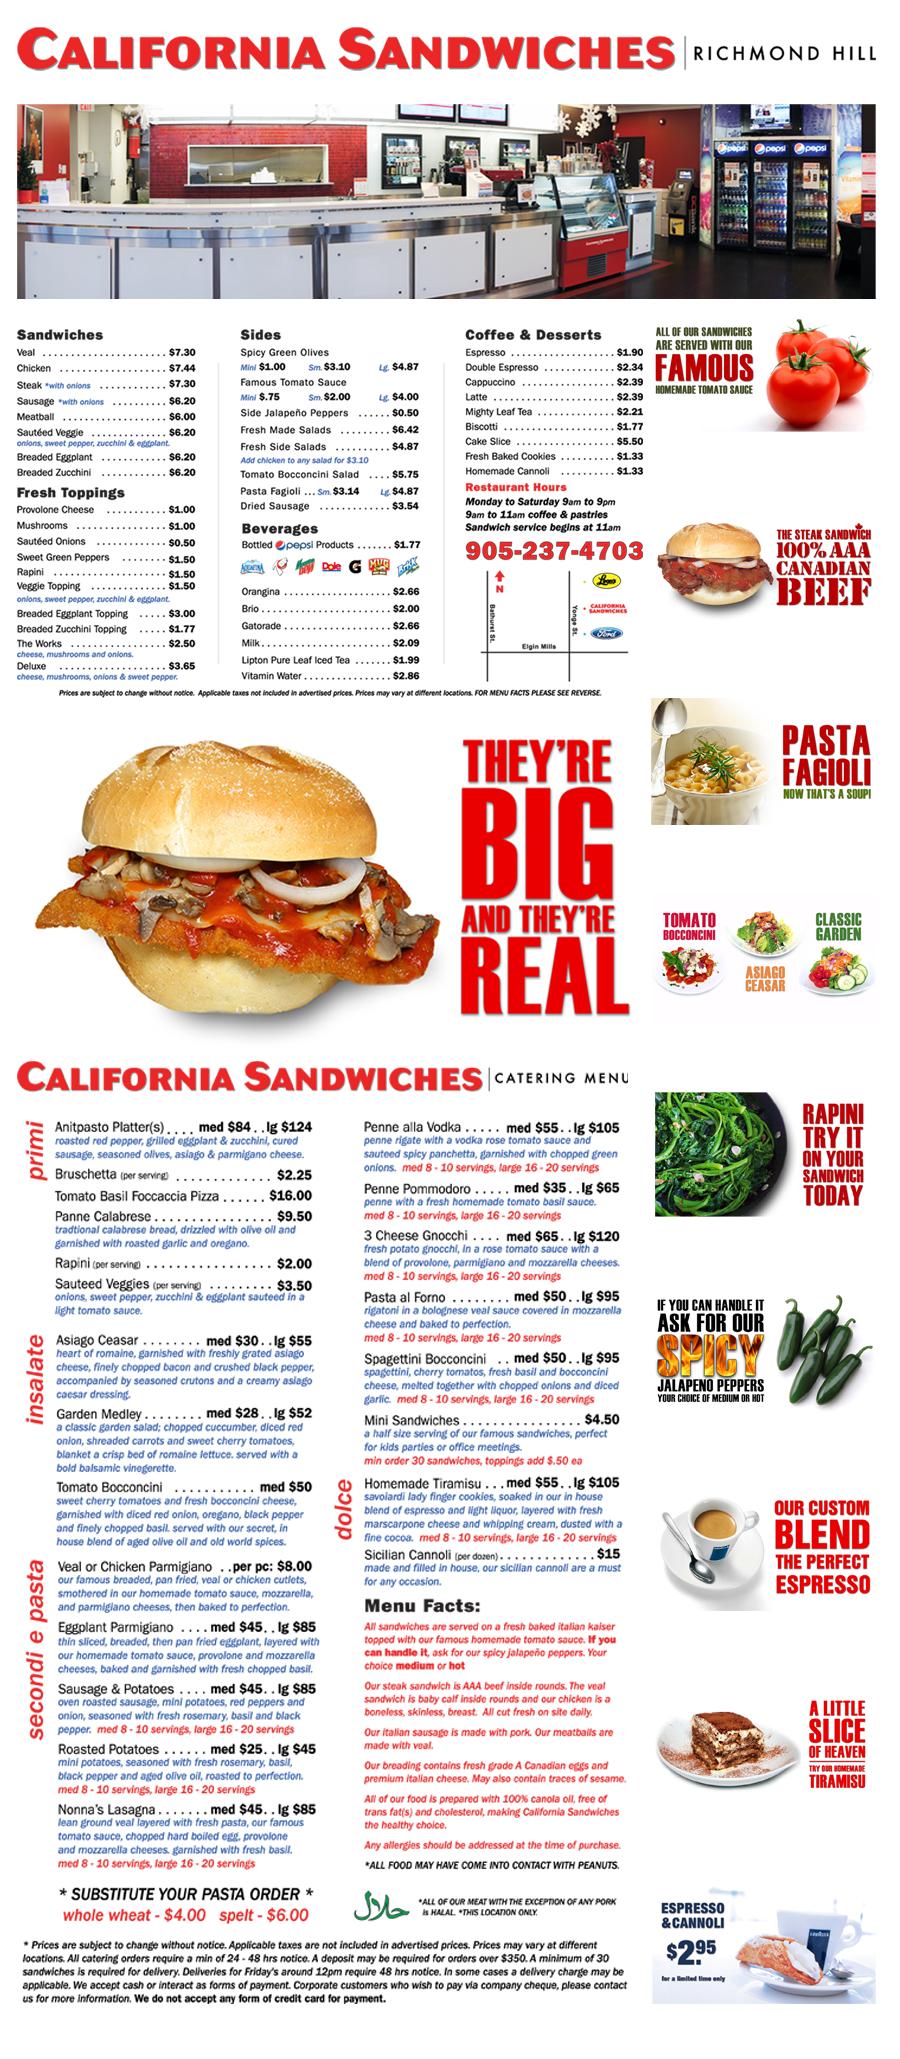 California Sandwiches Menu Sandwich menu, Food design